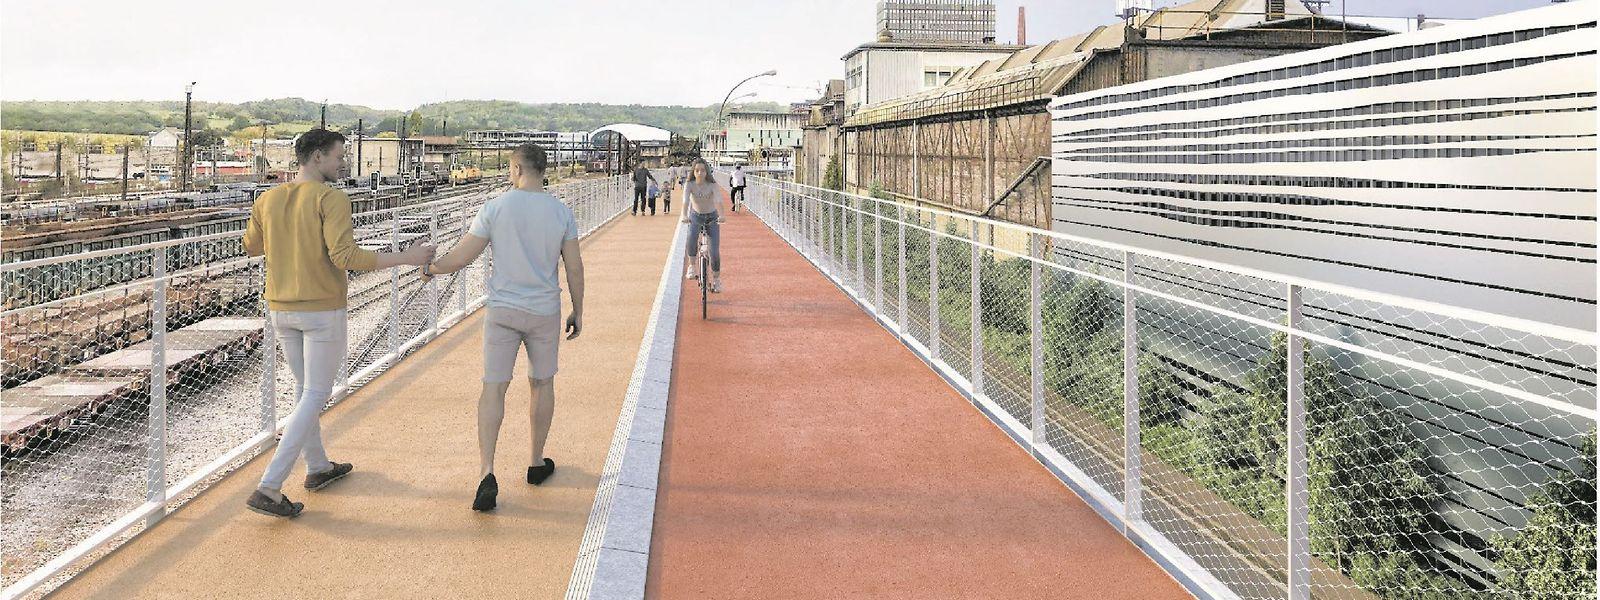 So soll der Fahrradexpressweg PC8 einmal aussehen. Die Wege für Fußgänger und Radfahrer sollen optisch getrennt werden.